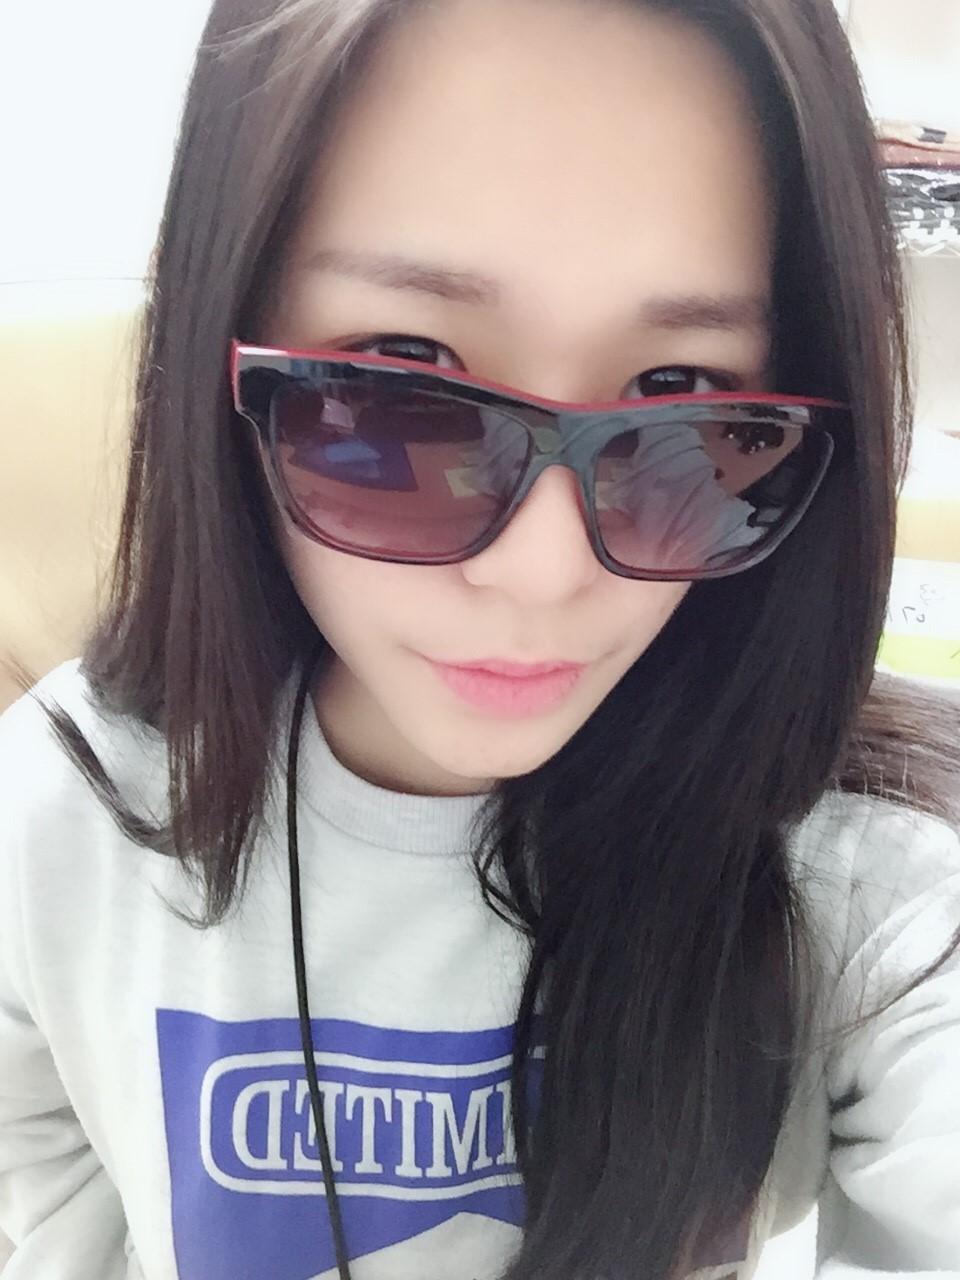 【絕版現貨優惠出清】黑紅配復古基本款太陽眼鏡